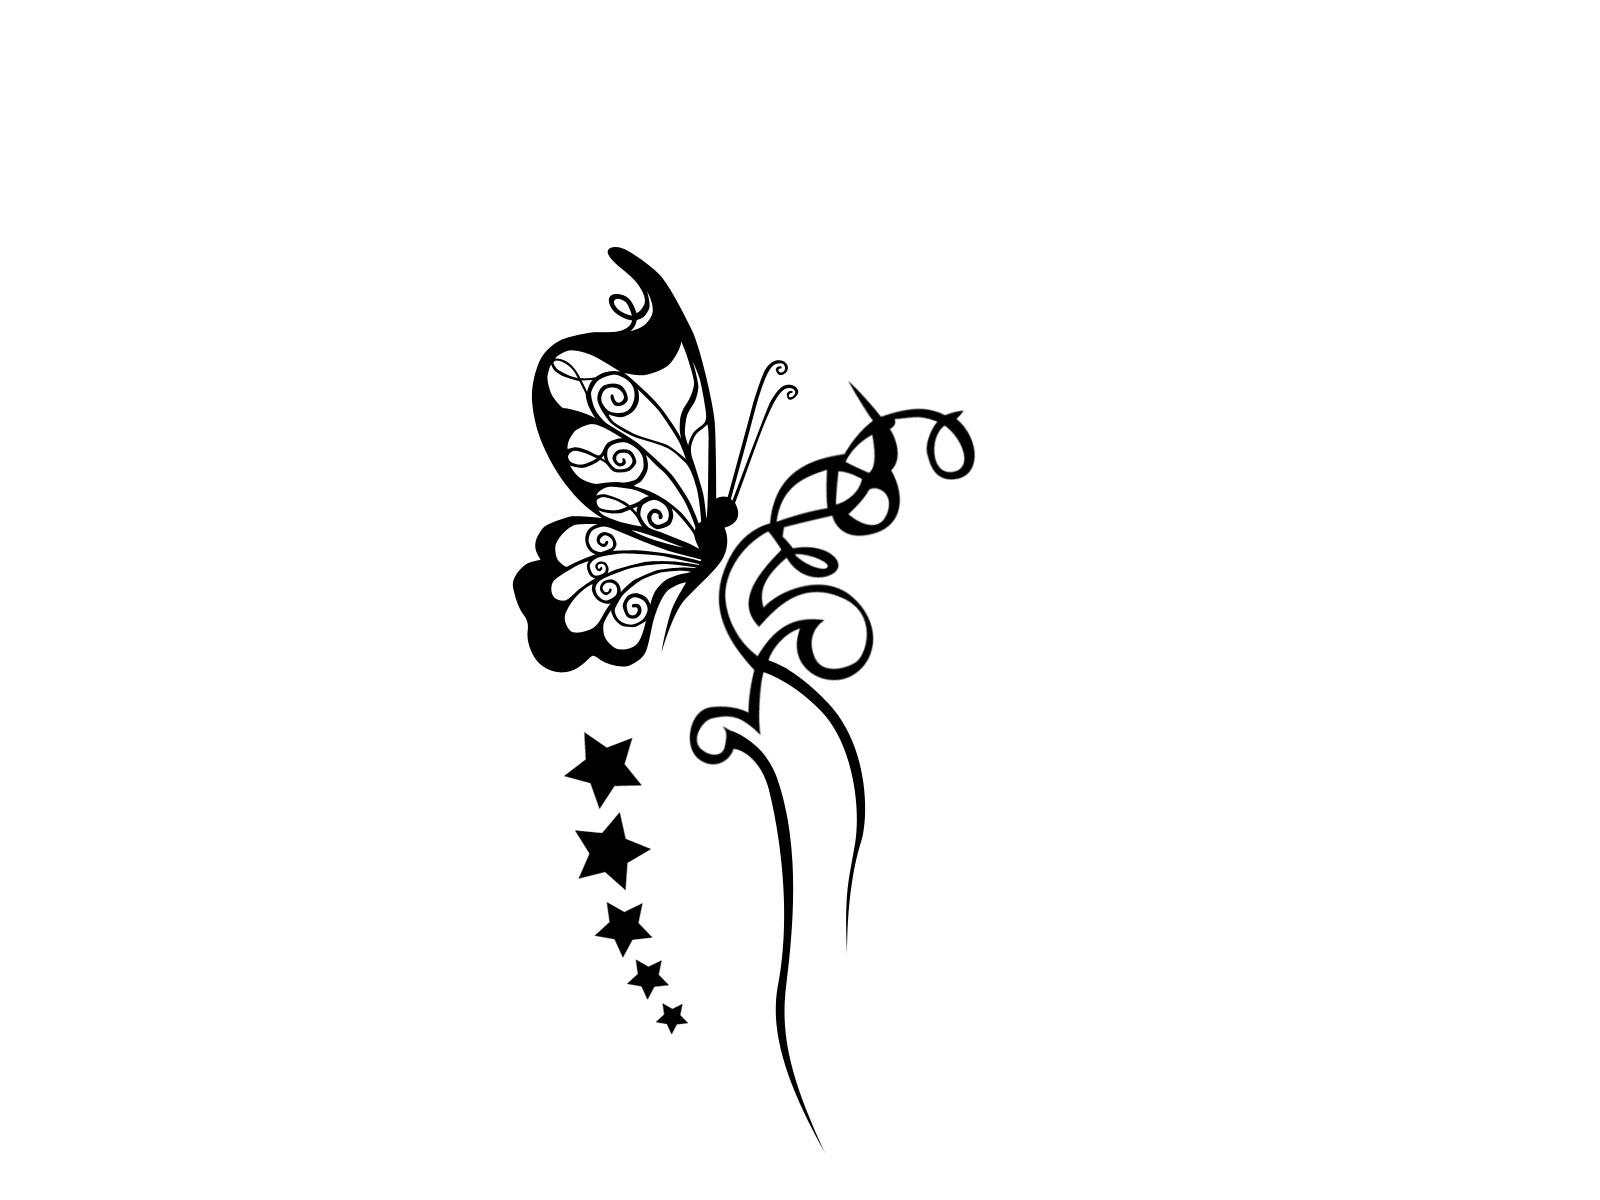 stars clover tattoo design. Black Bedroom Furniture Sets. Home Design Ideas